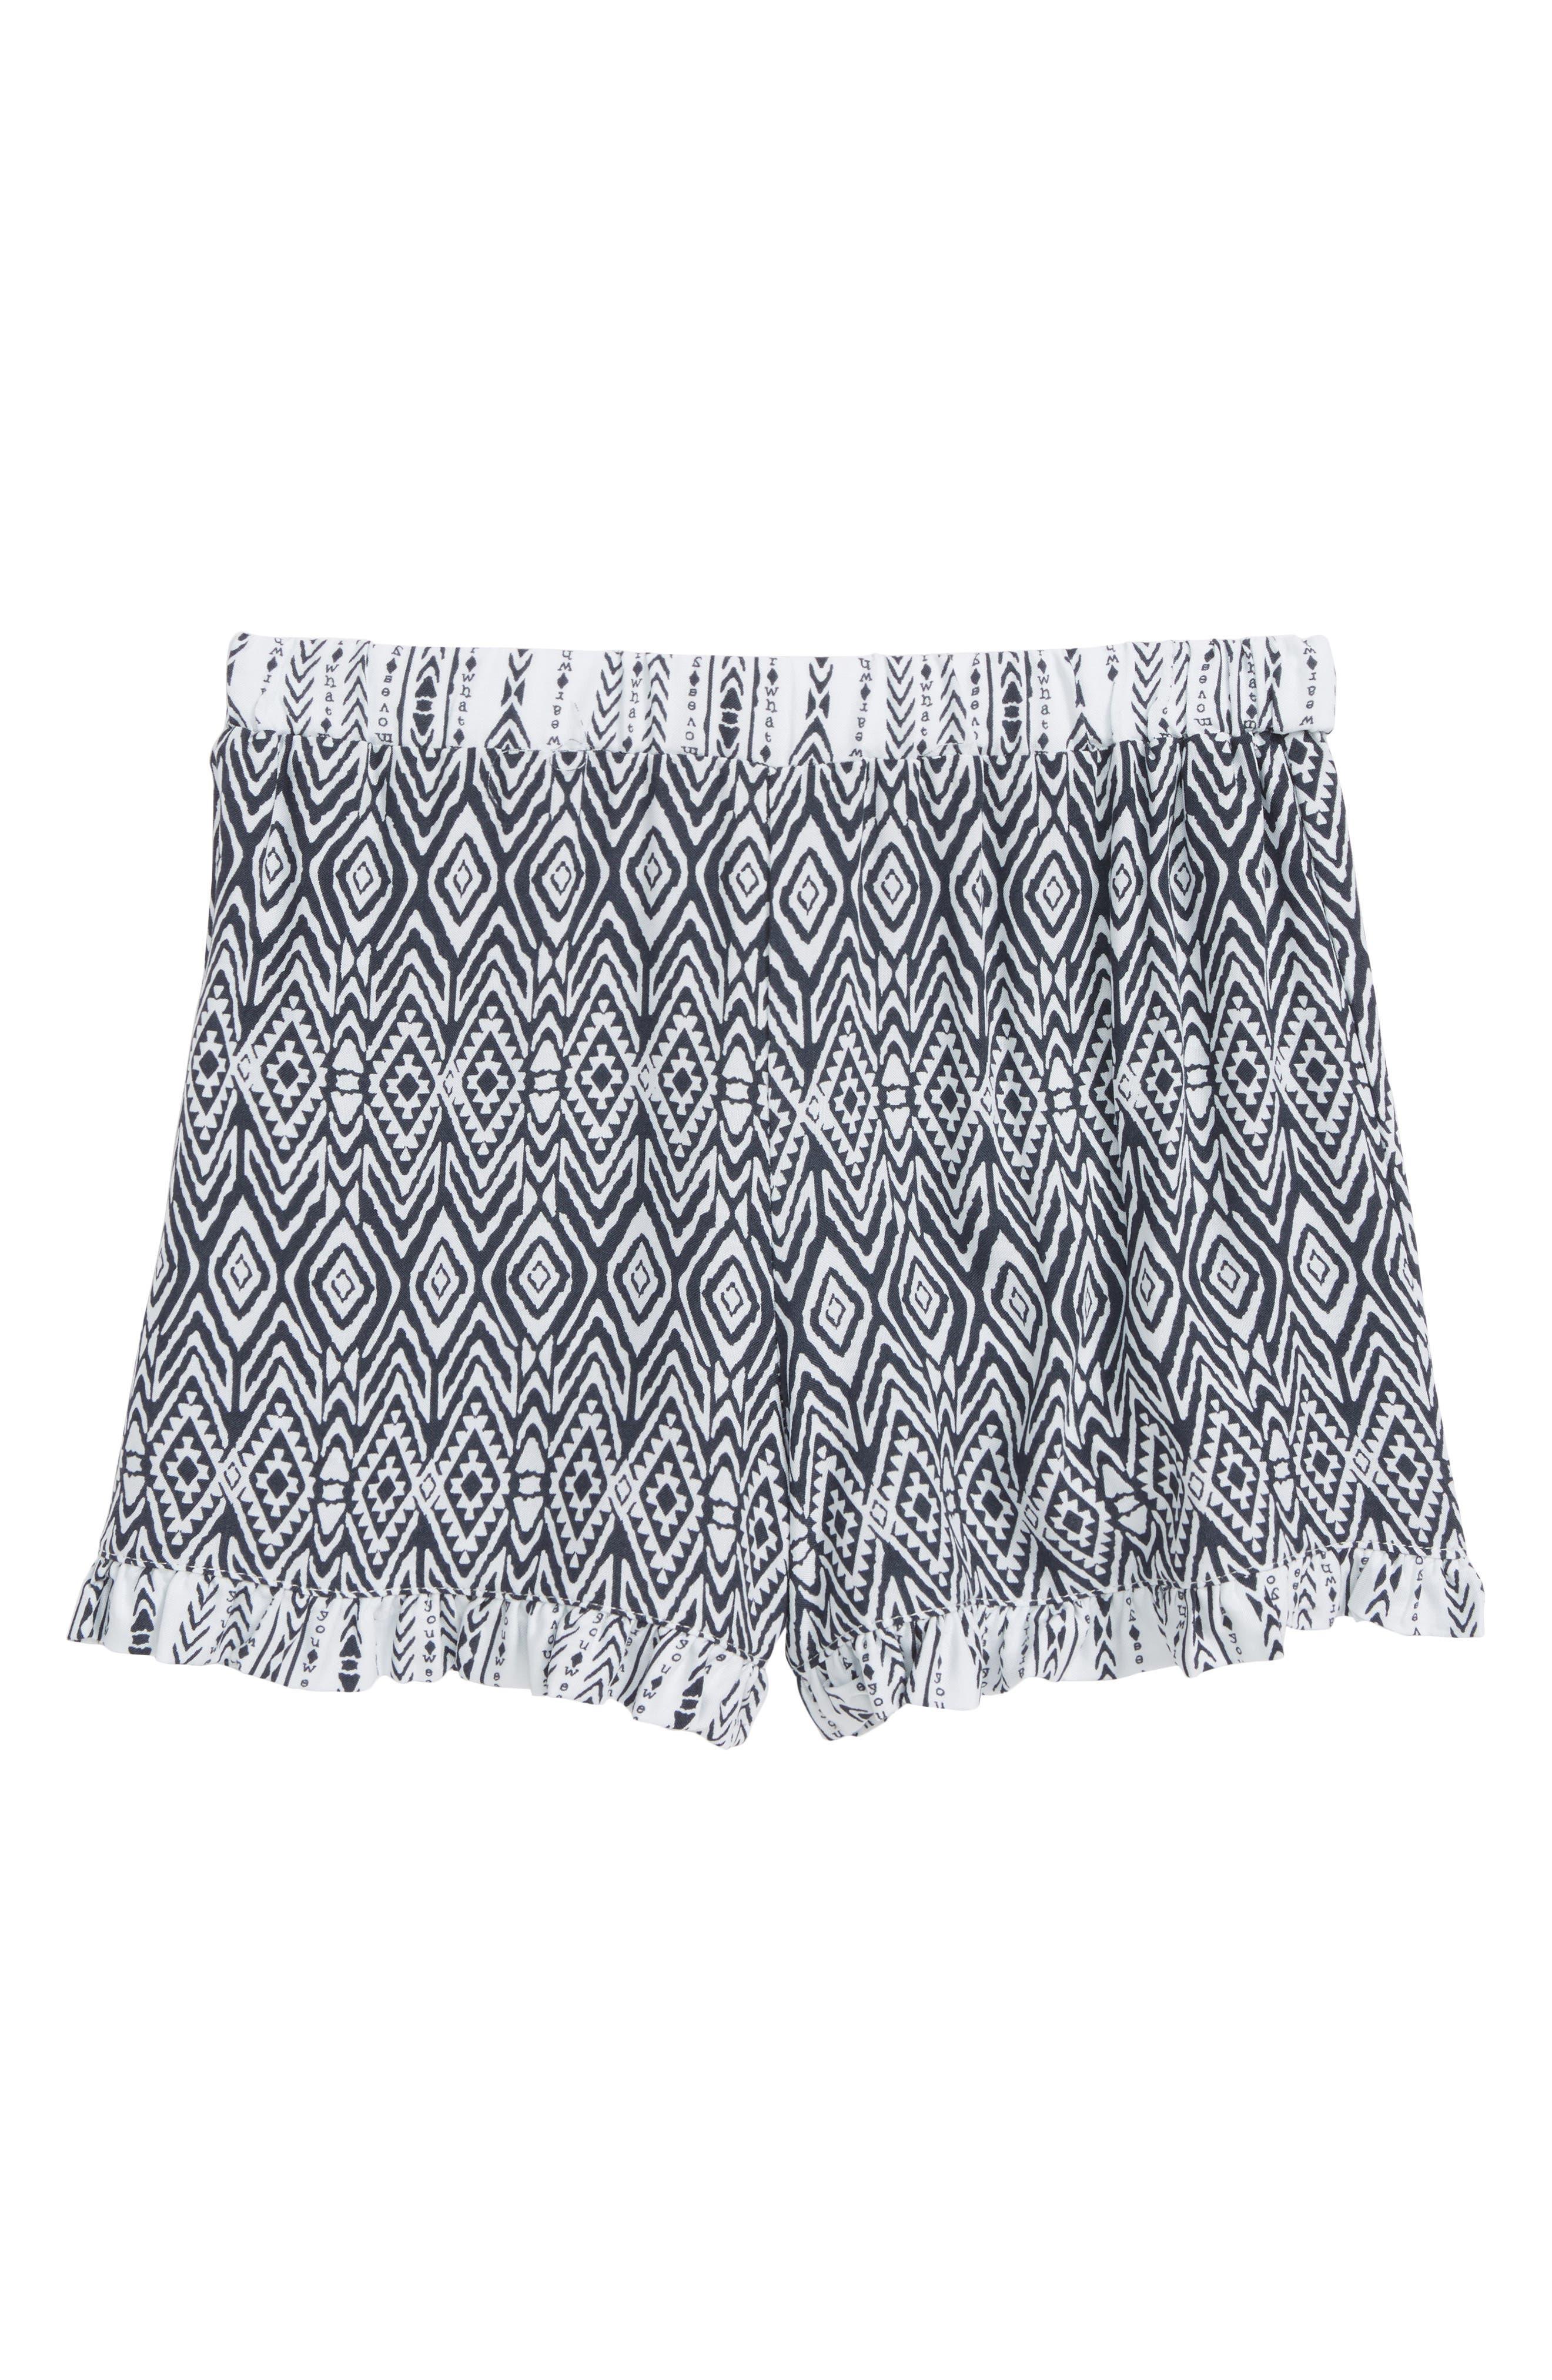 Tribal Print Shorts,                         Main,                         color, 410